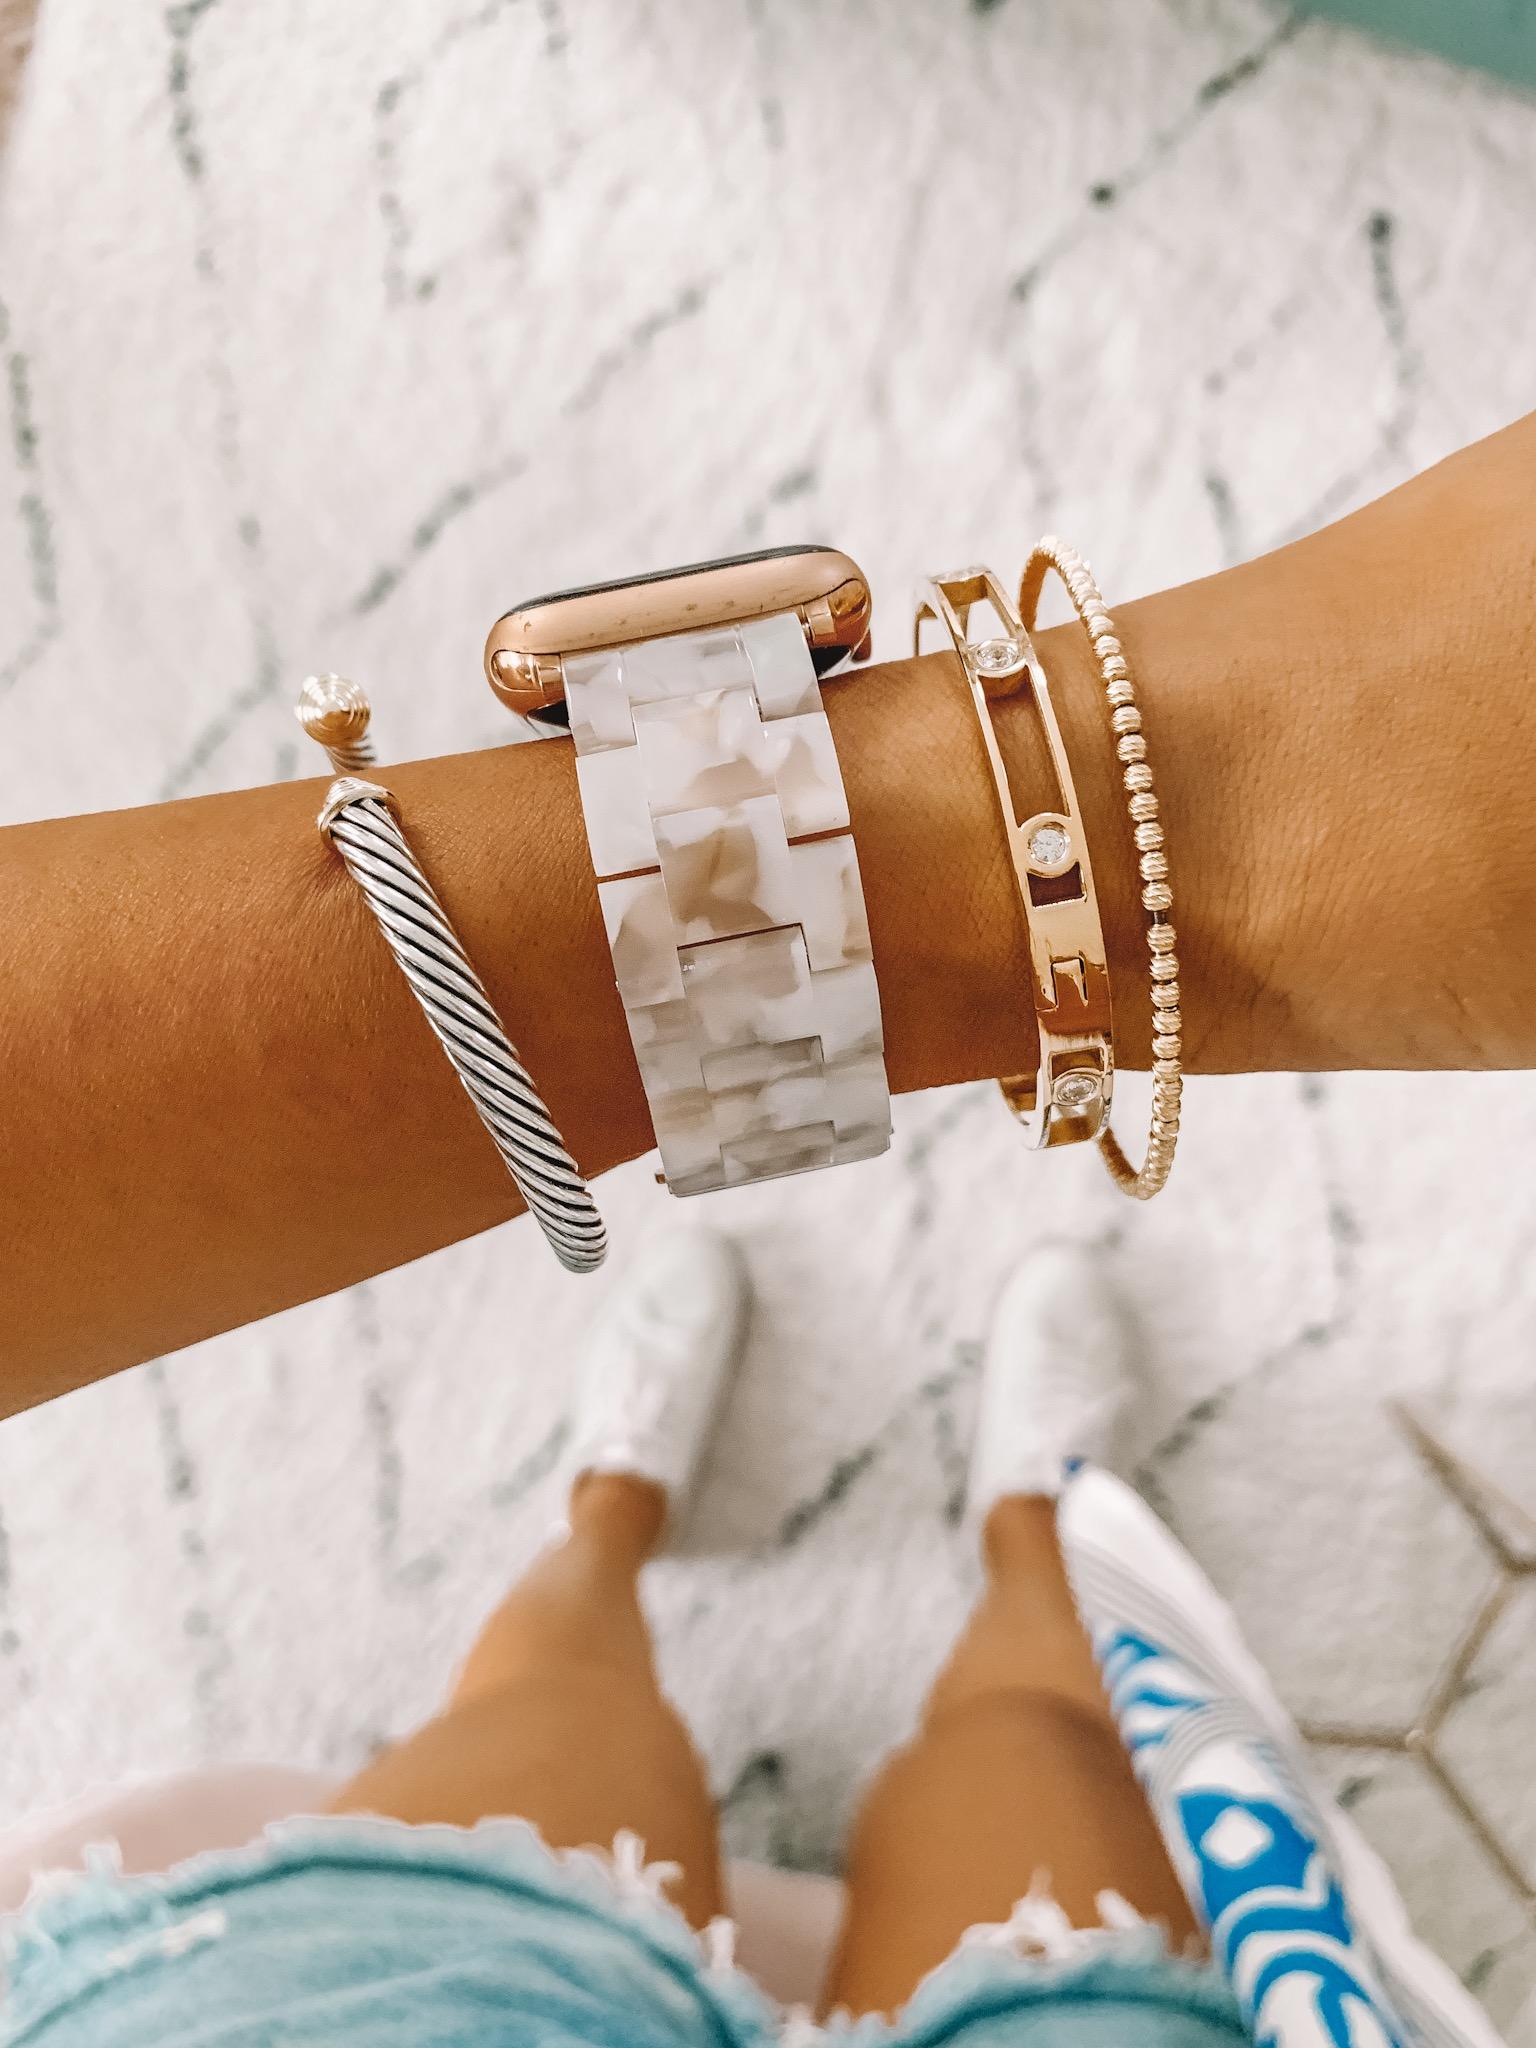 242ff334ba25 Amazon jewelry Amazon dupes Amazon apple watch bands